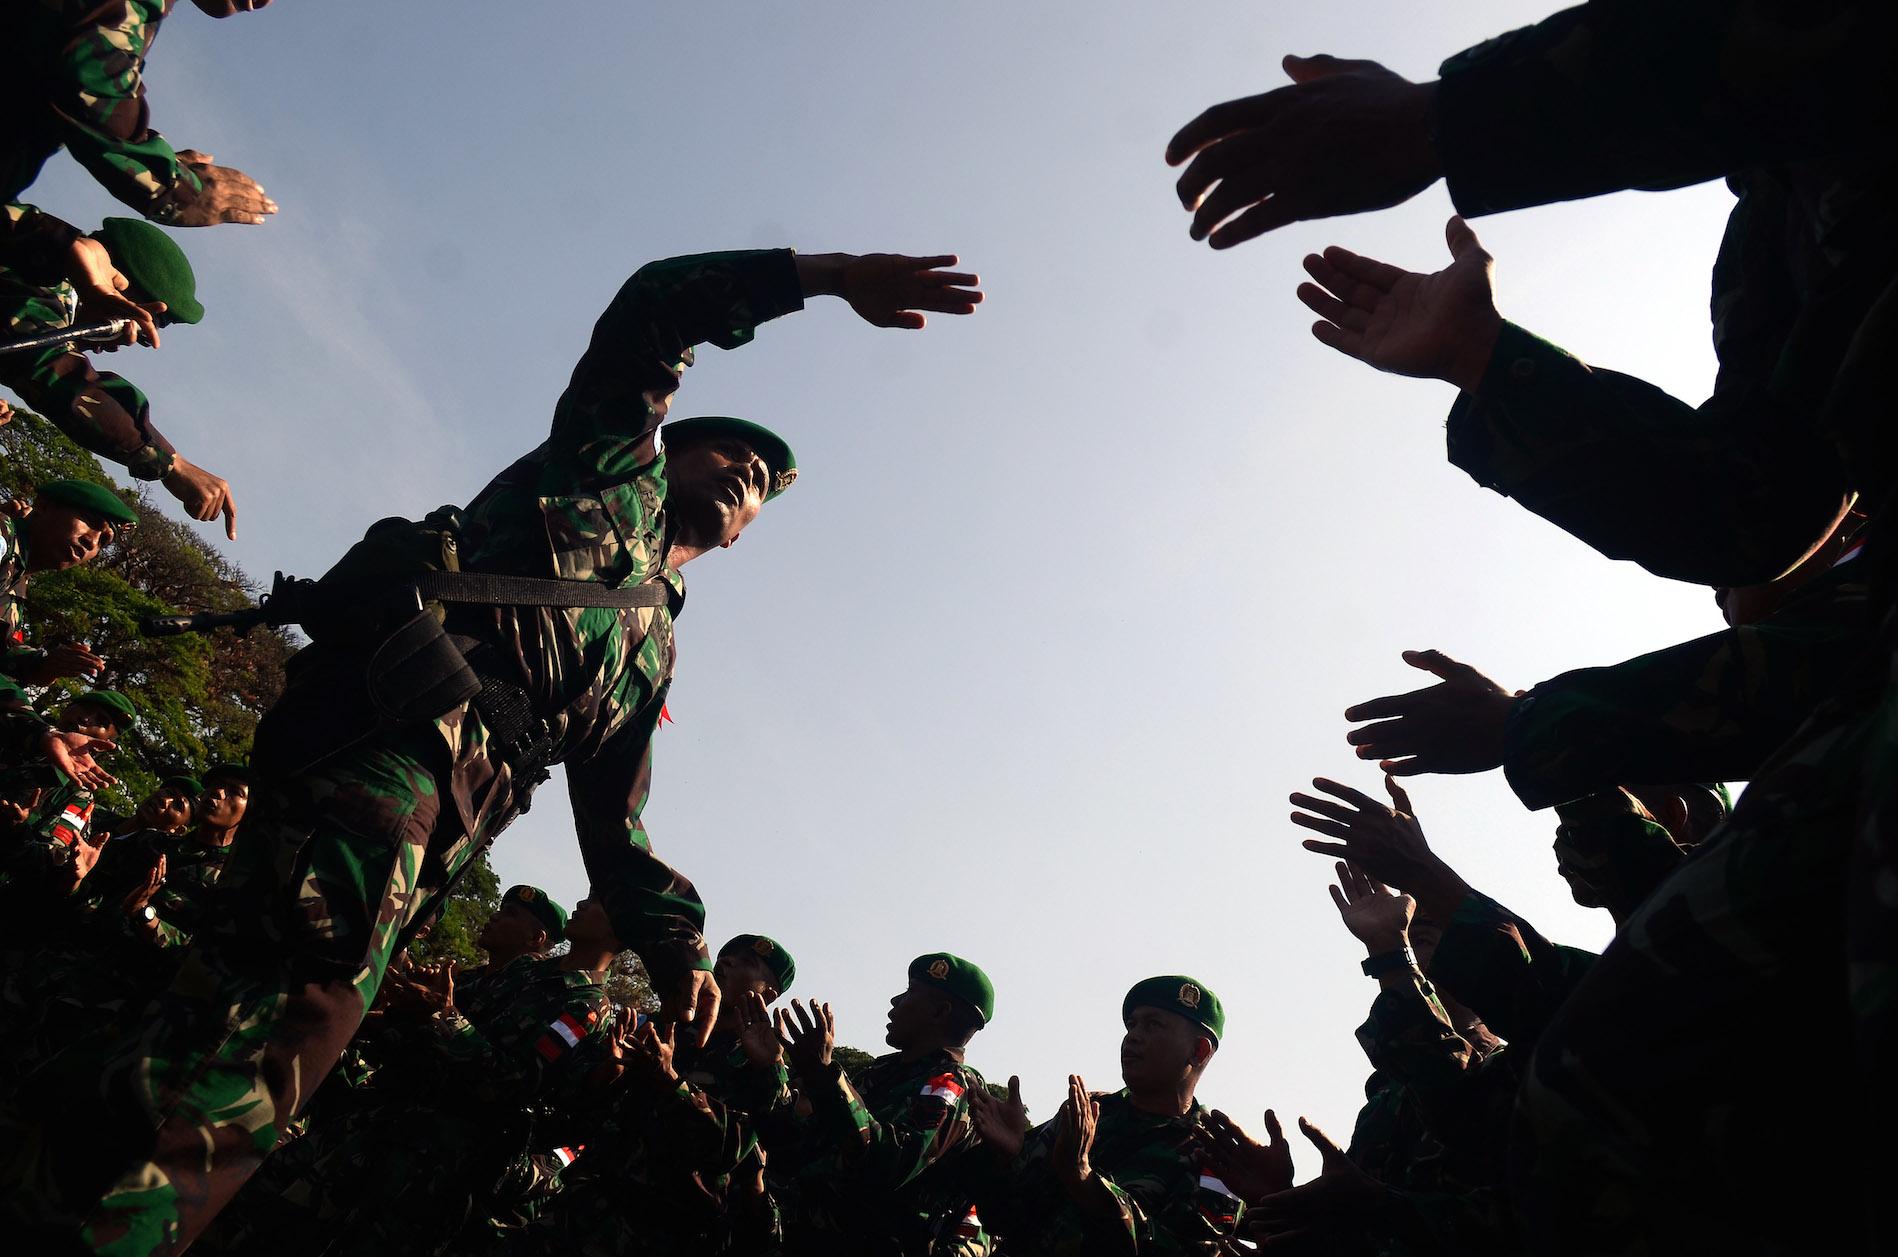 Sejumlah prajurit Yonzipur 8 Kodam VII Wirabuana meneriakkan yel-yel pada pelepasan di Lapangan Hasanuddin, Makassar, Sulawesi Selatan, Jumat (20/11). Sebanyak 135 parajurit Yonzipur 8 Kodam VII Wirabuana akan bergabung dengan Satgas Kizi TNI Konga XX-Monusco Konga untuk mengikuti pelatihan di Pusat Misi Pemeliharaan Perdamaian TNI Sentul Bogor sebelum diberangkatkan dalam misi pemeliharaan perdamaian dunia di Monusco kongo. ANTARA FOTO/Sahrul Manda Tikupadng/pd/15